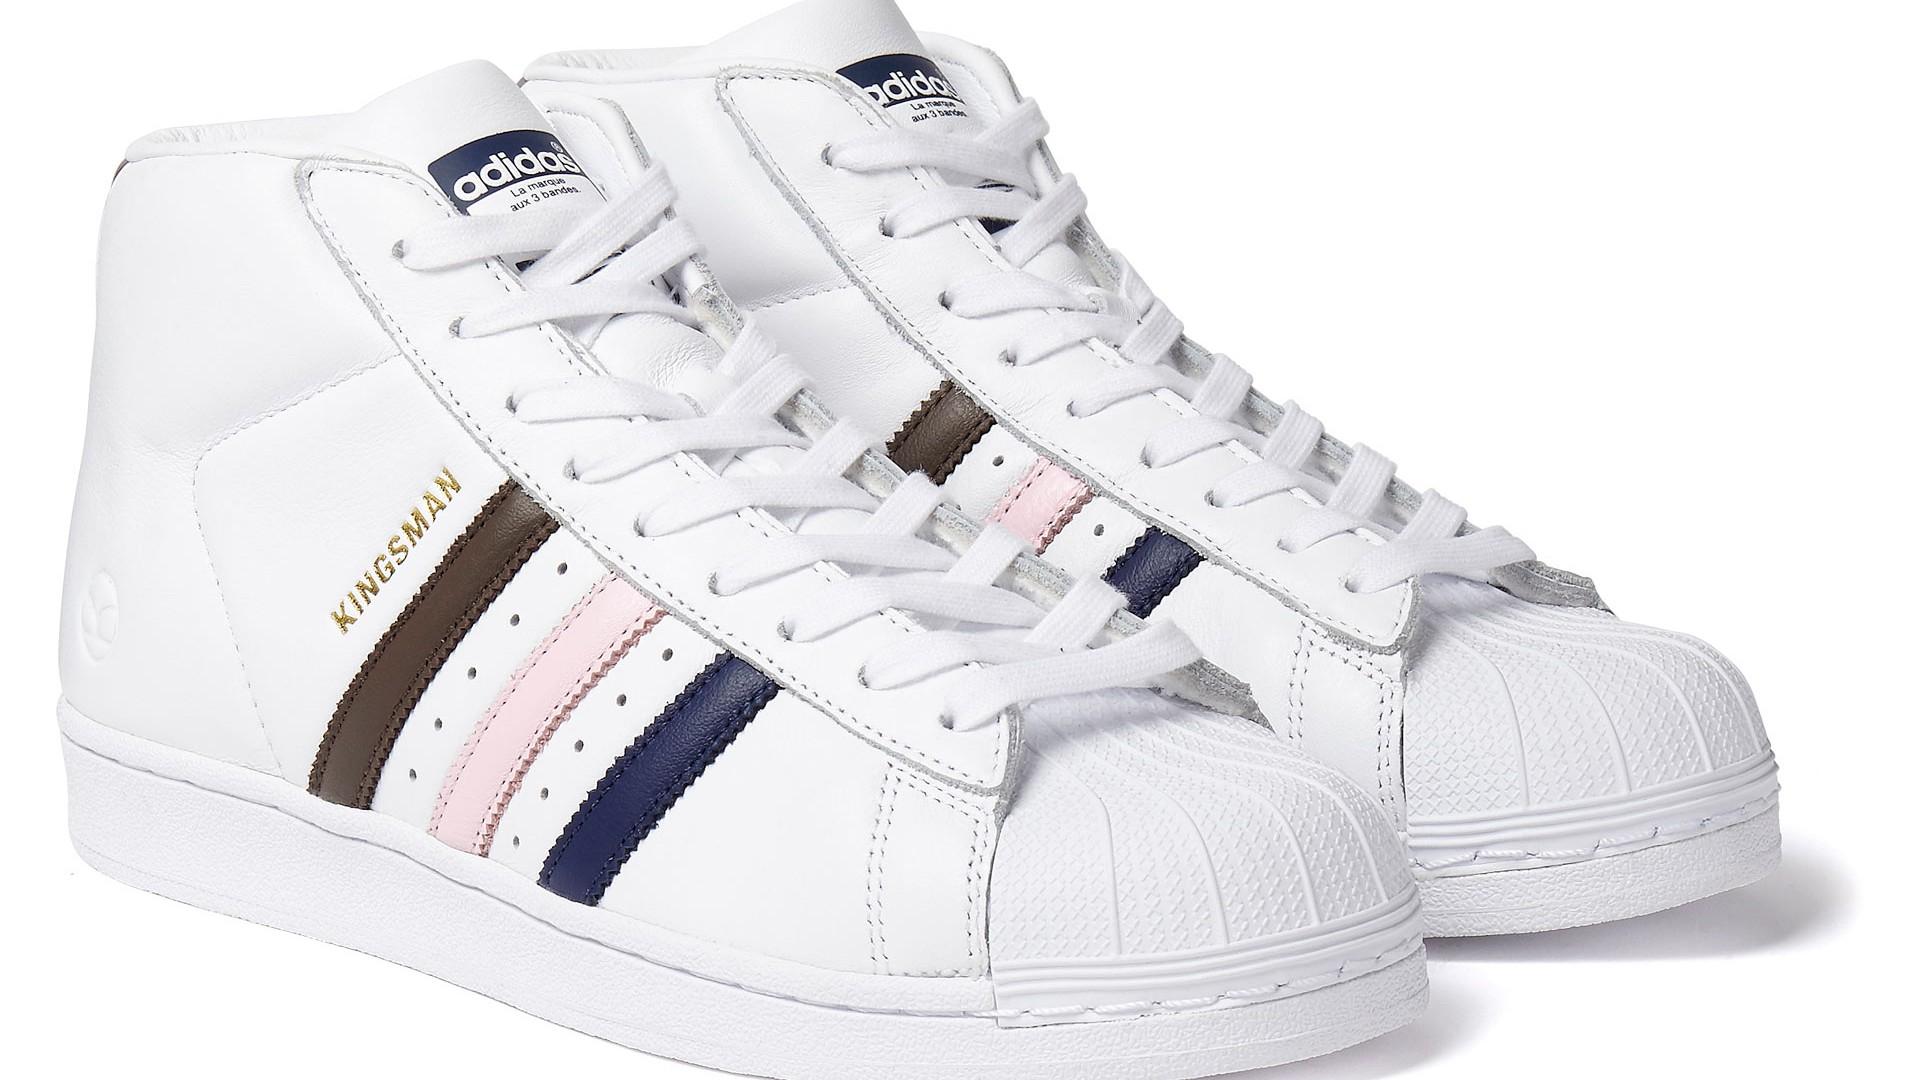 Vert Adidas Gratuit Fleuriste Chaussure KingsmanRetour 4j5AR3L